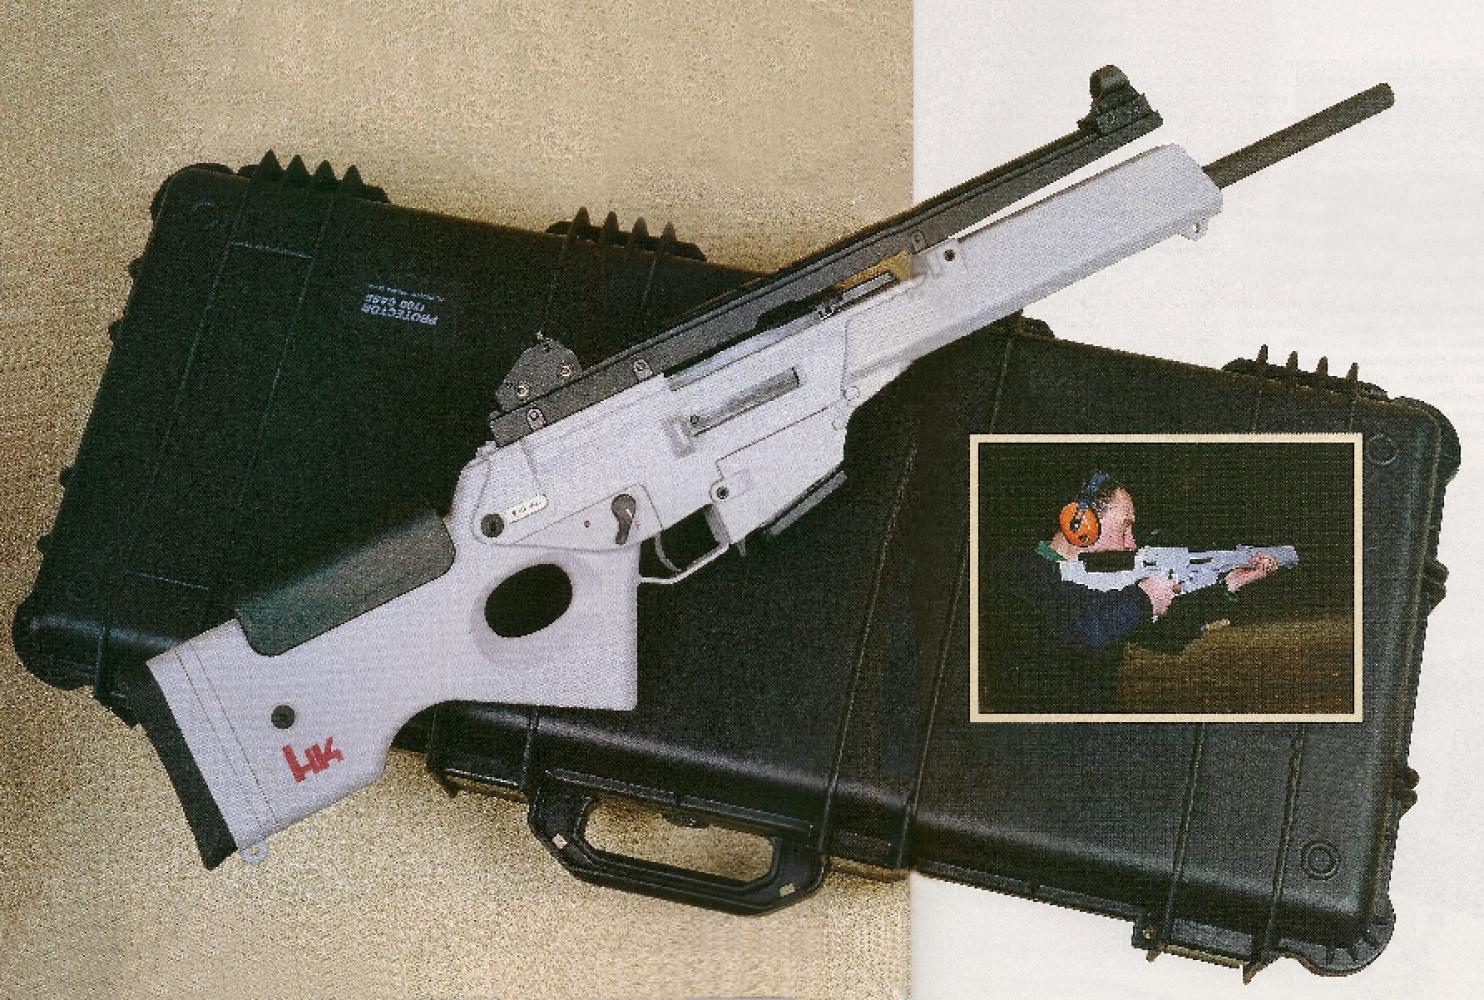 S'il ne peut renier son origine militaire, le modèle SL-8 bénéficie quand même d'une ligne beaucoup plus agréable et de couleurs plus gaies que le fusil d'assaut G36R dont il est directement issu.